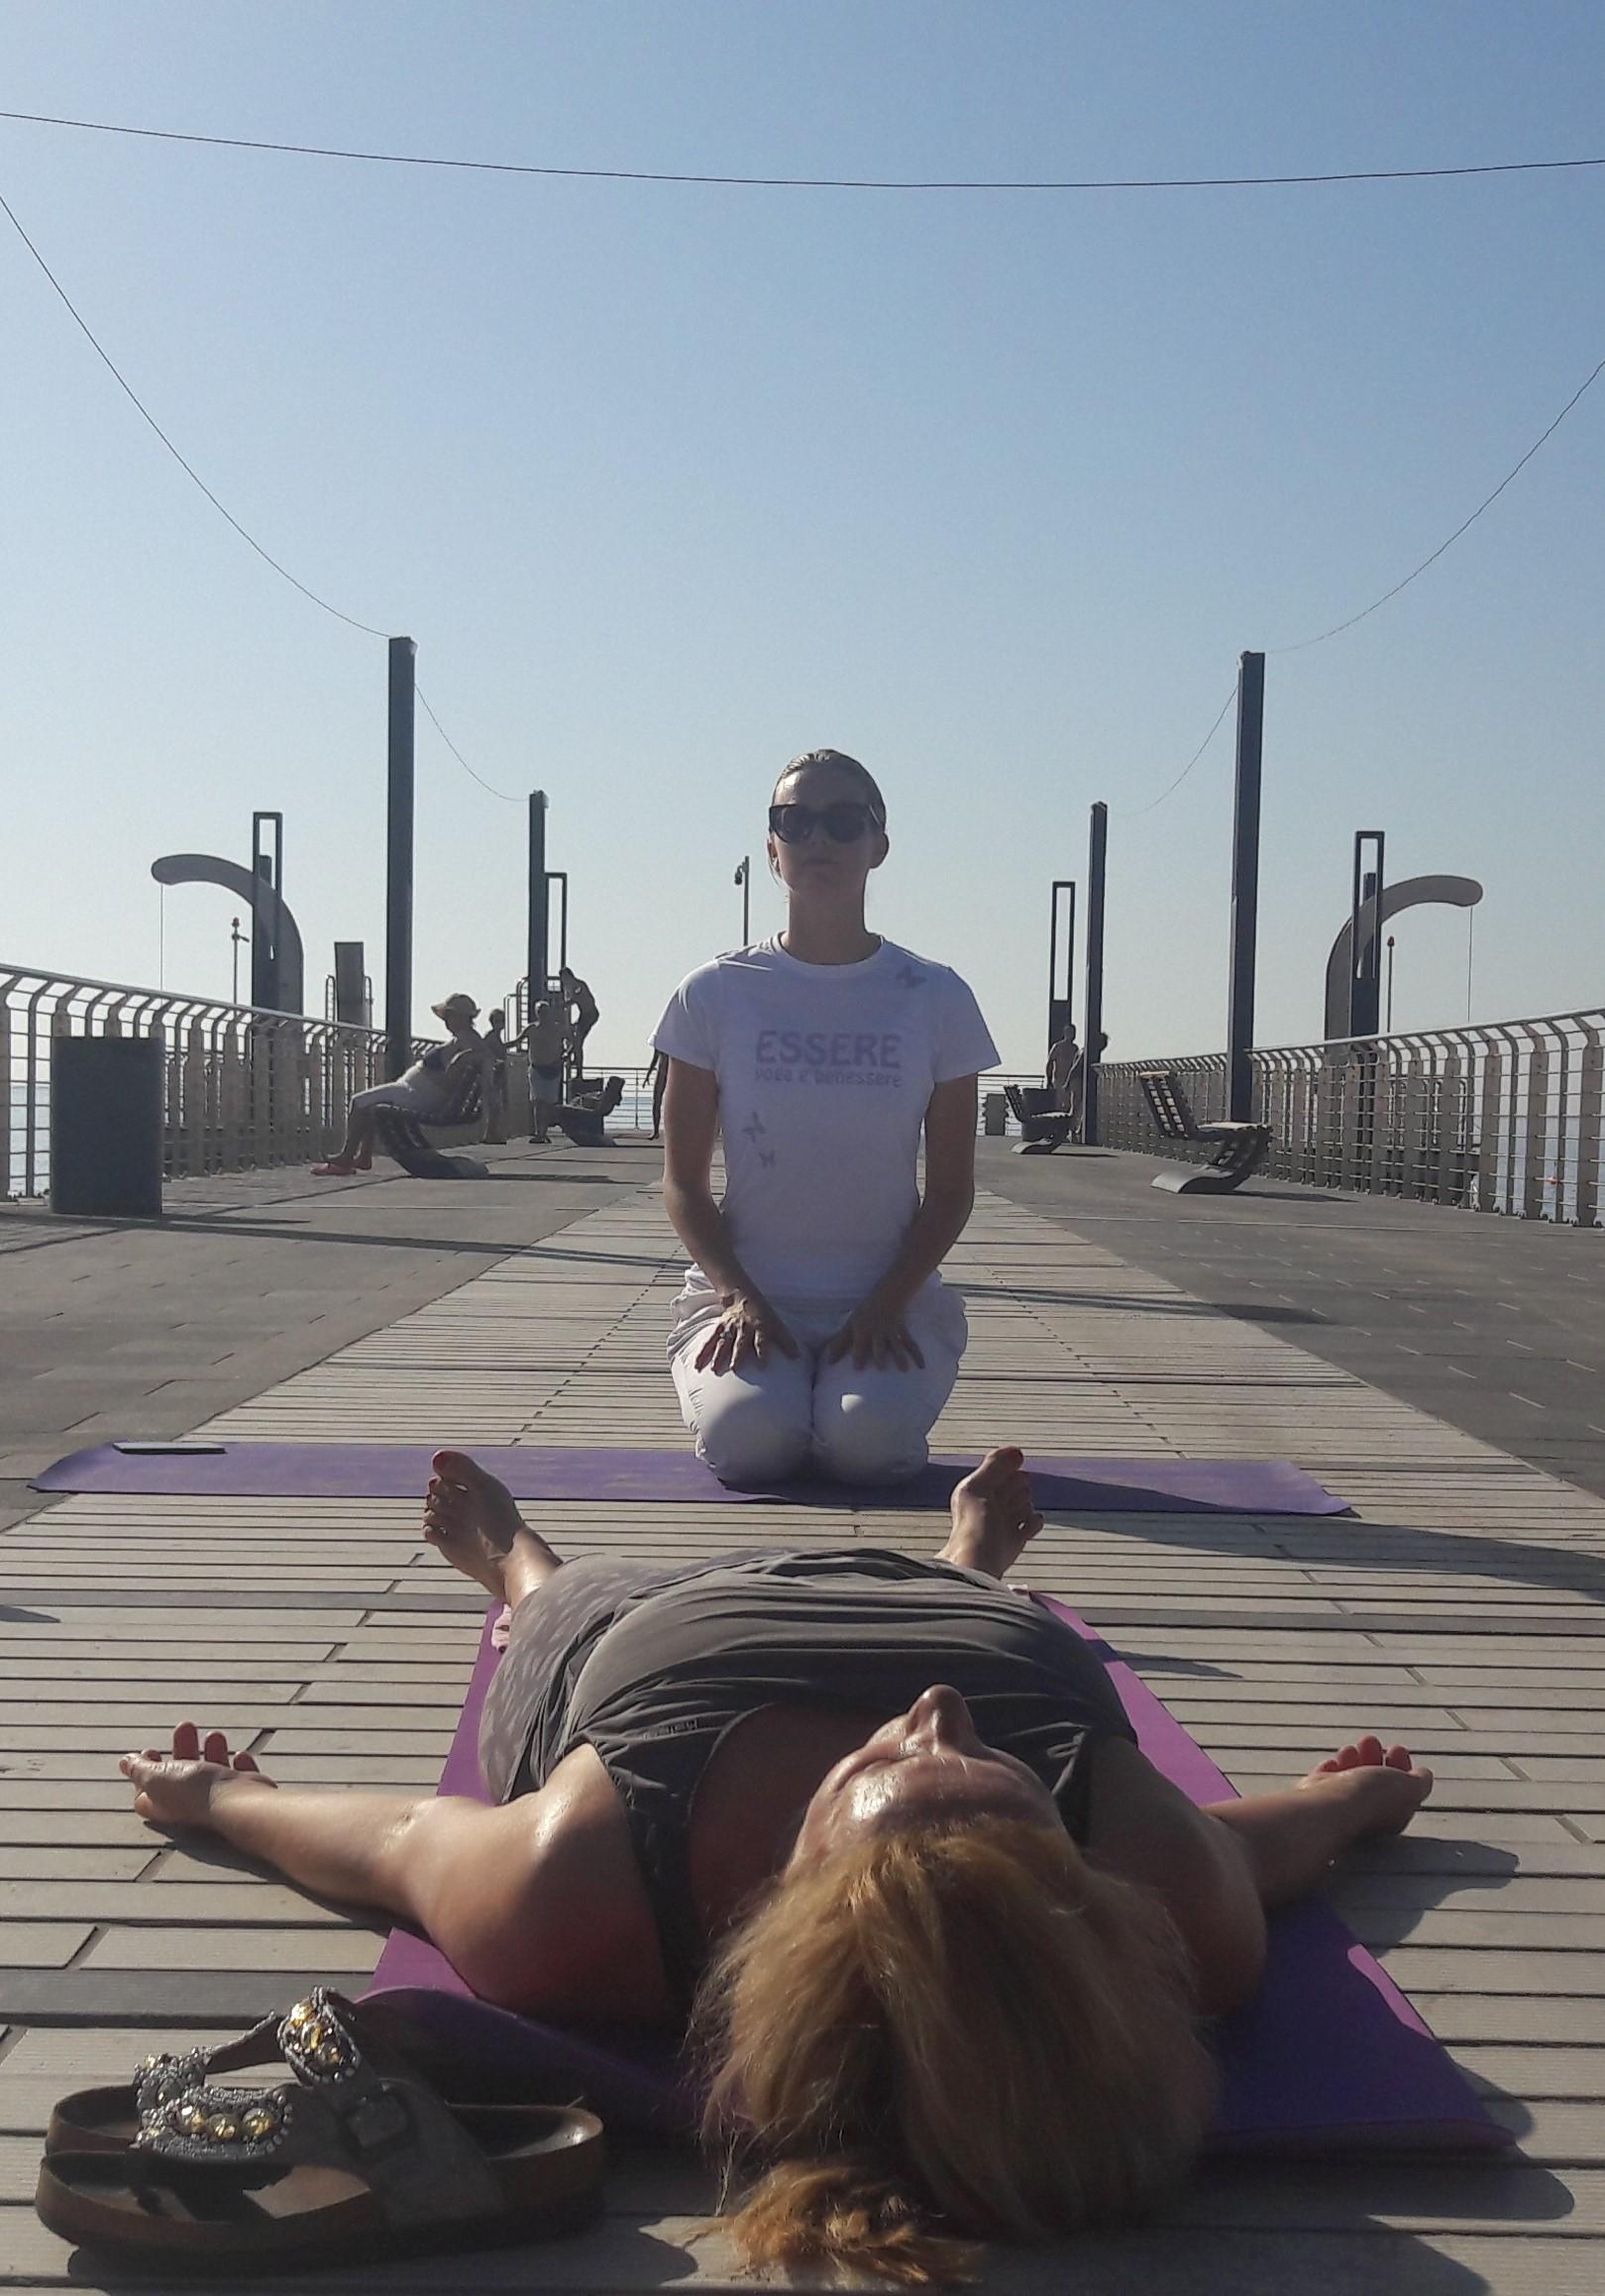 essere-free-yoga-gratuito-benessere-per-tutti-village-citta-alassio-estate-lucia-ragazzi-summer-town-wellness-011